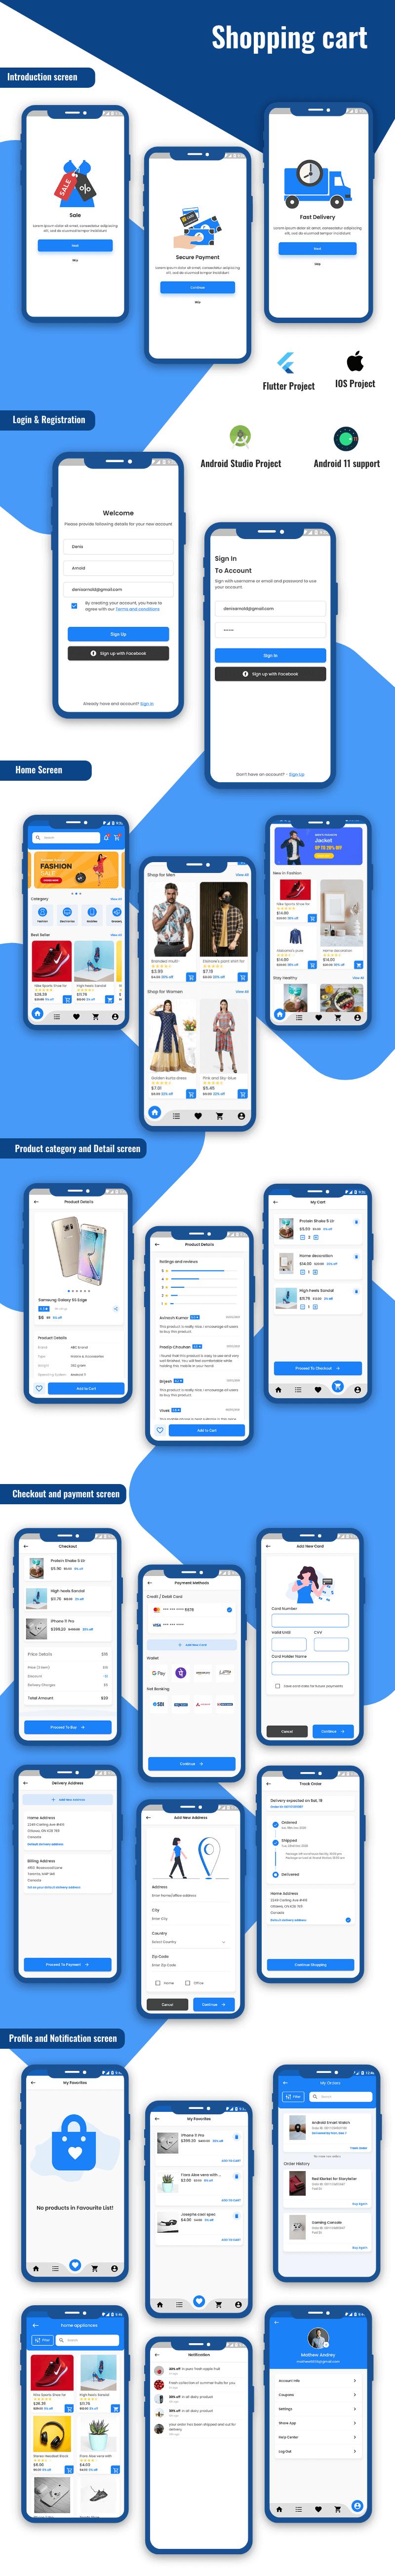 KIT d'interface utilisateur pour panier d'achat Flutter - 1